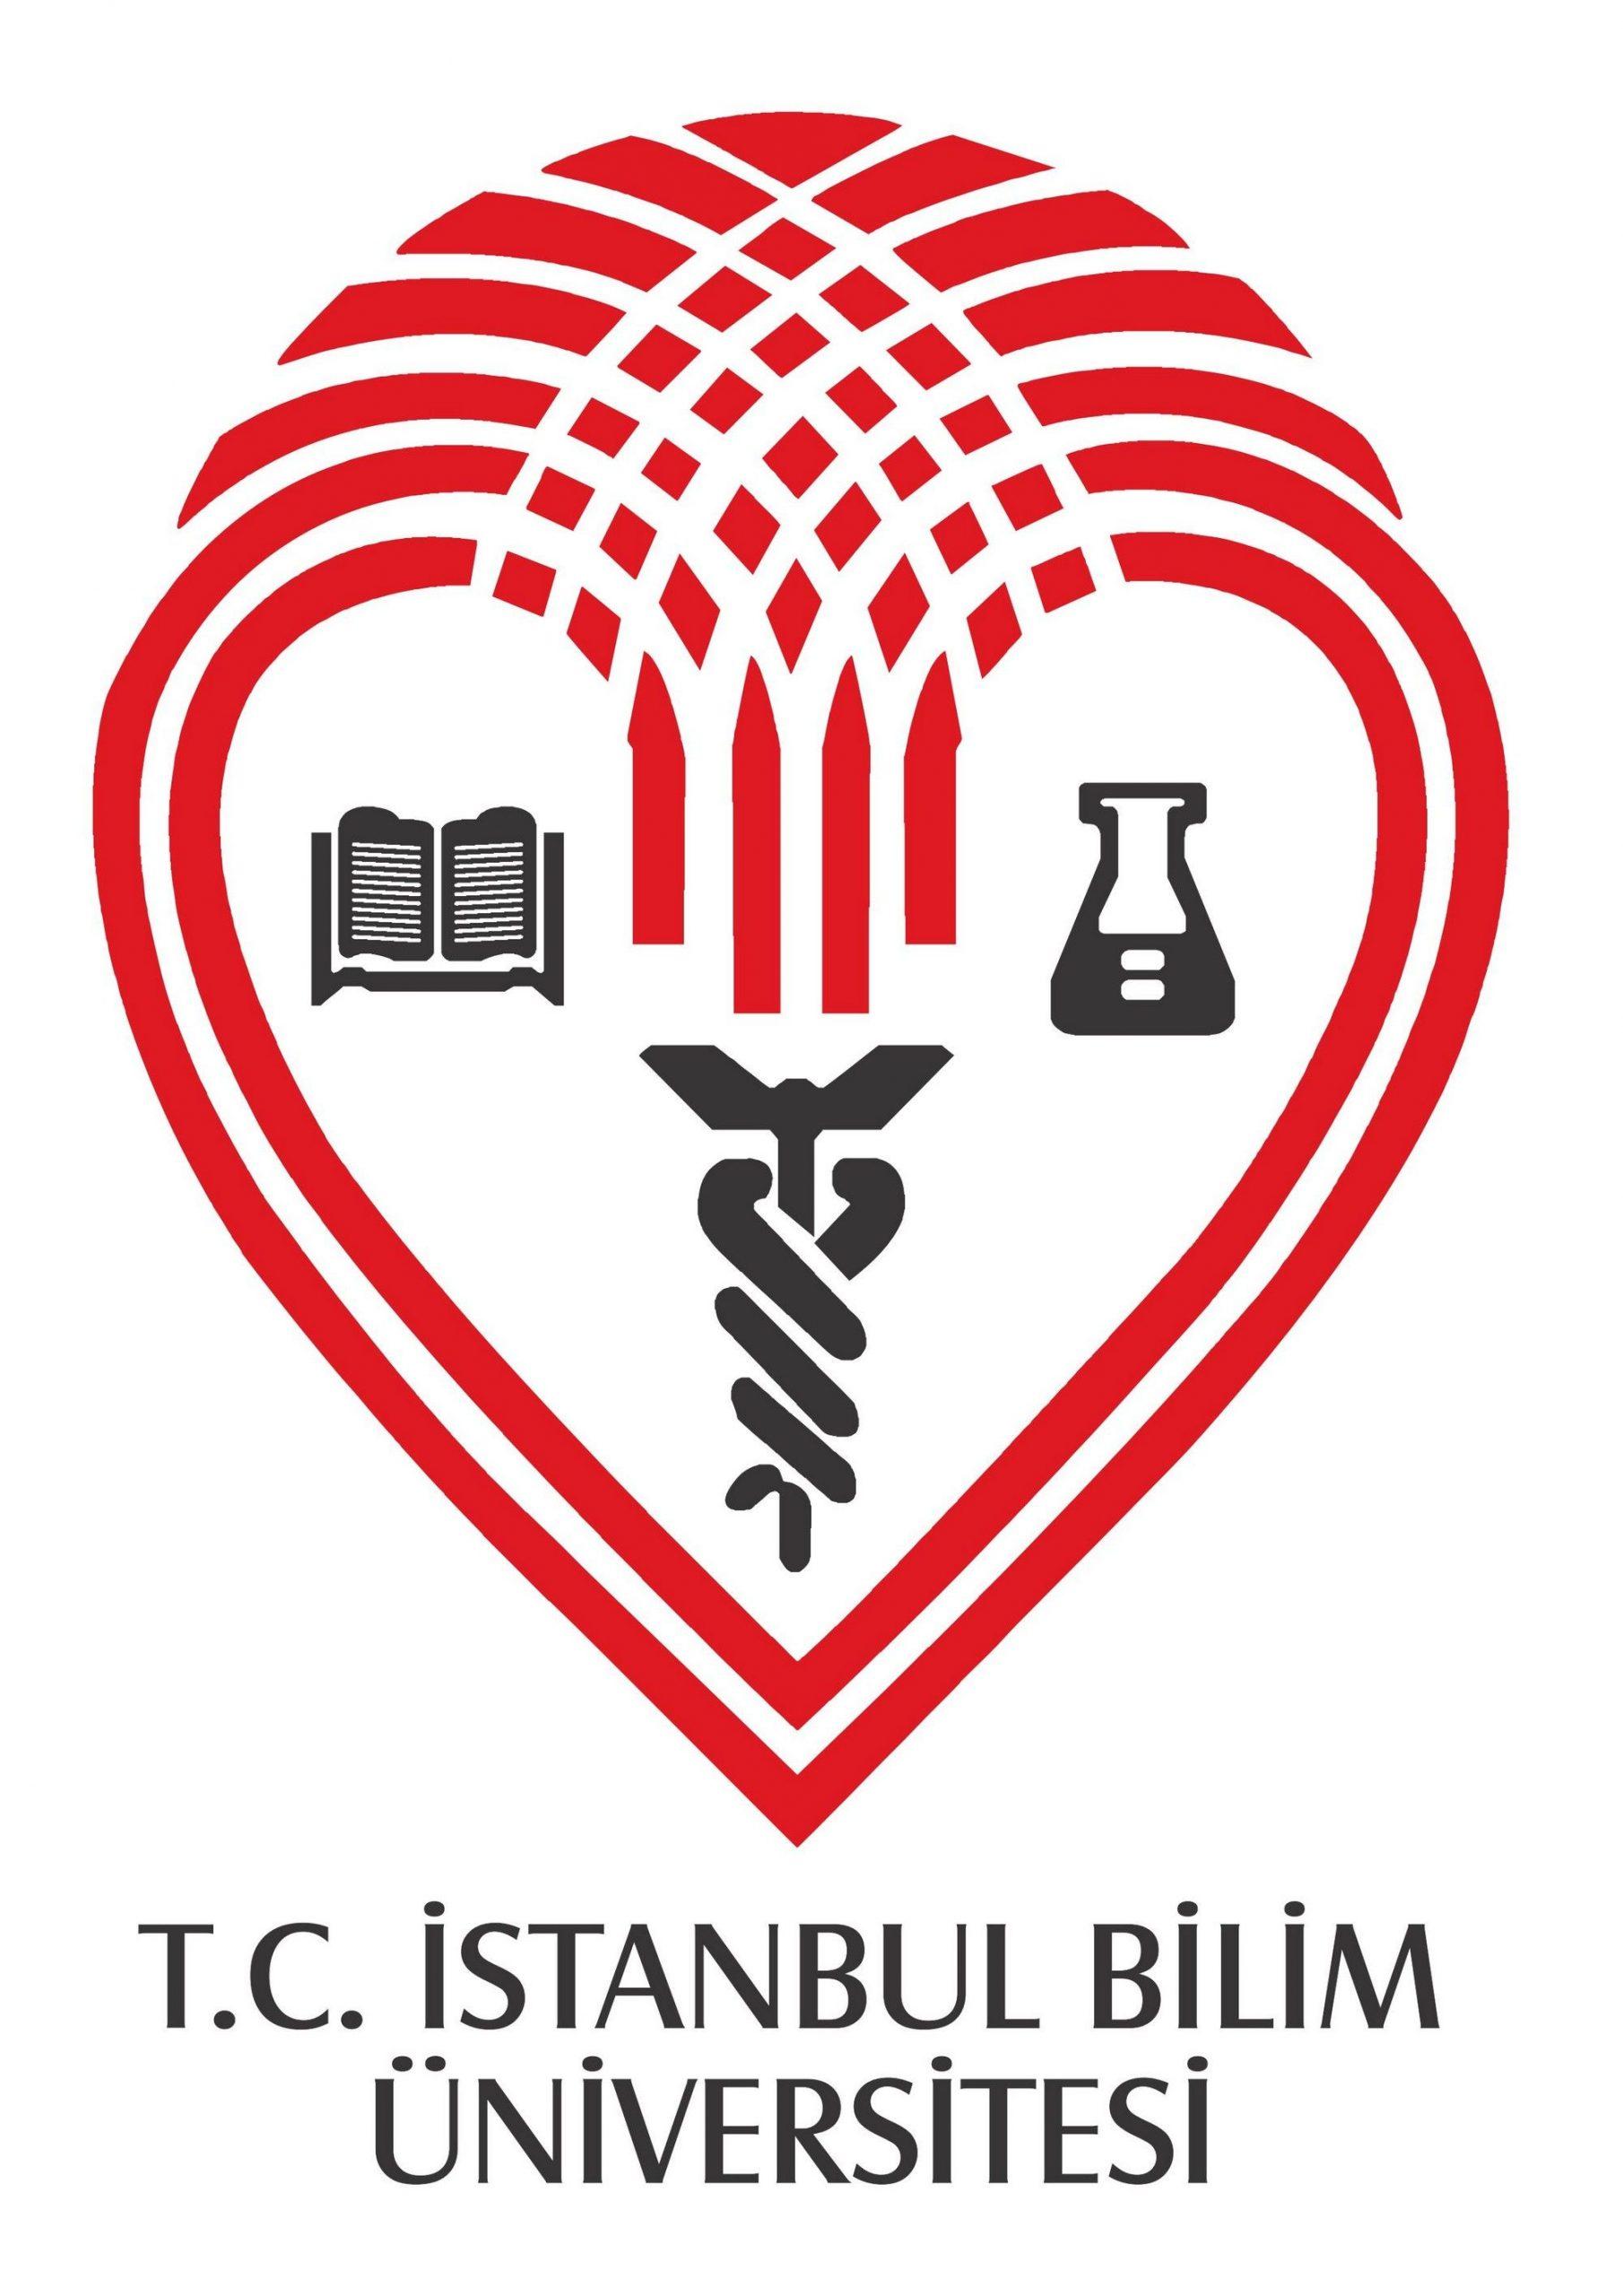 Türkiye Uluslararası İslam, Bilim ve Teknoloji Üniversitesi